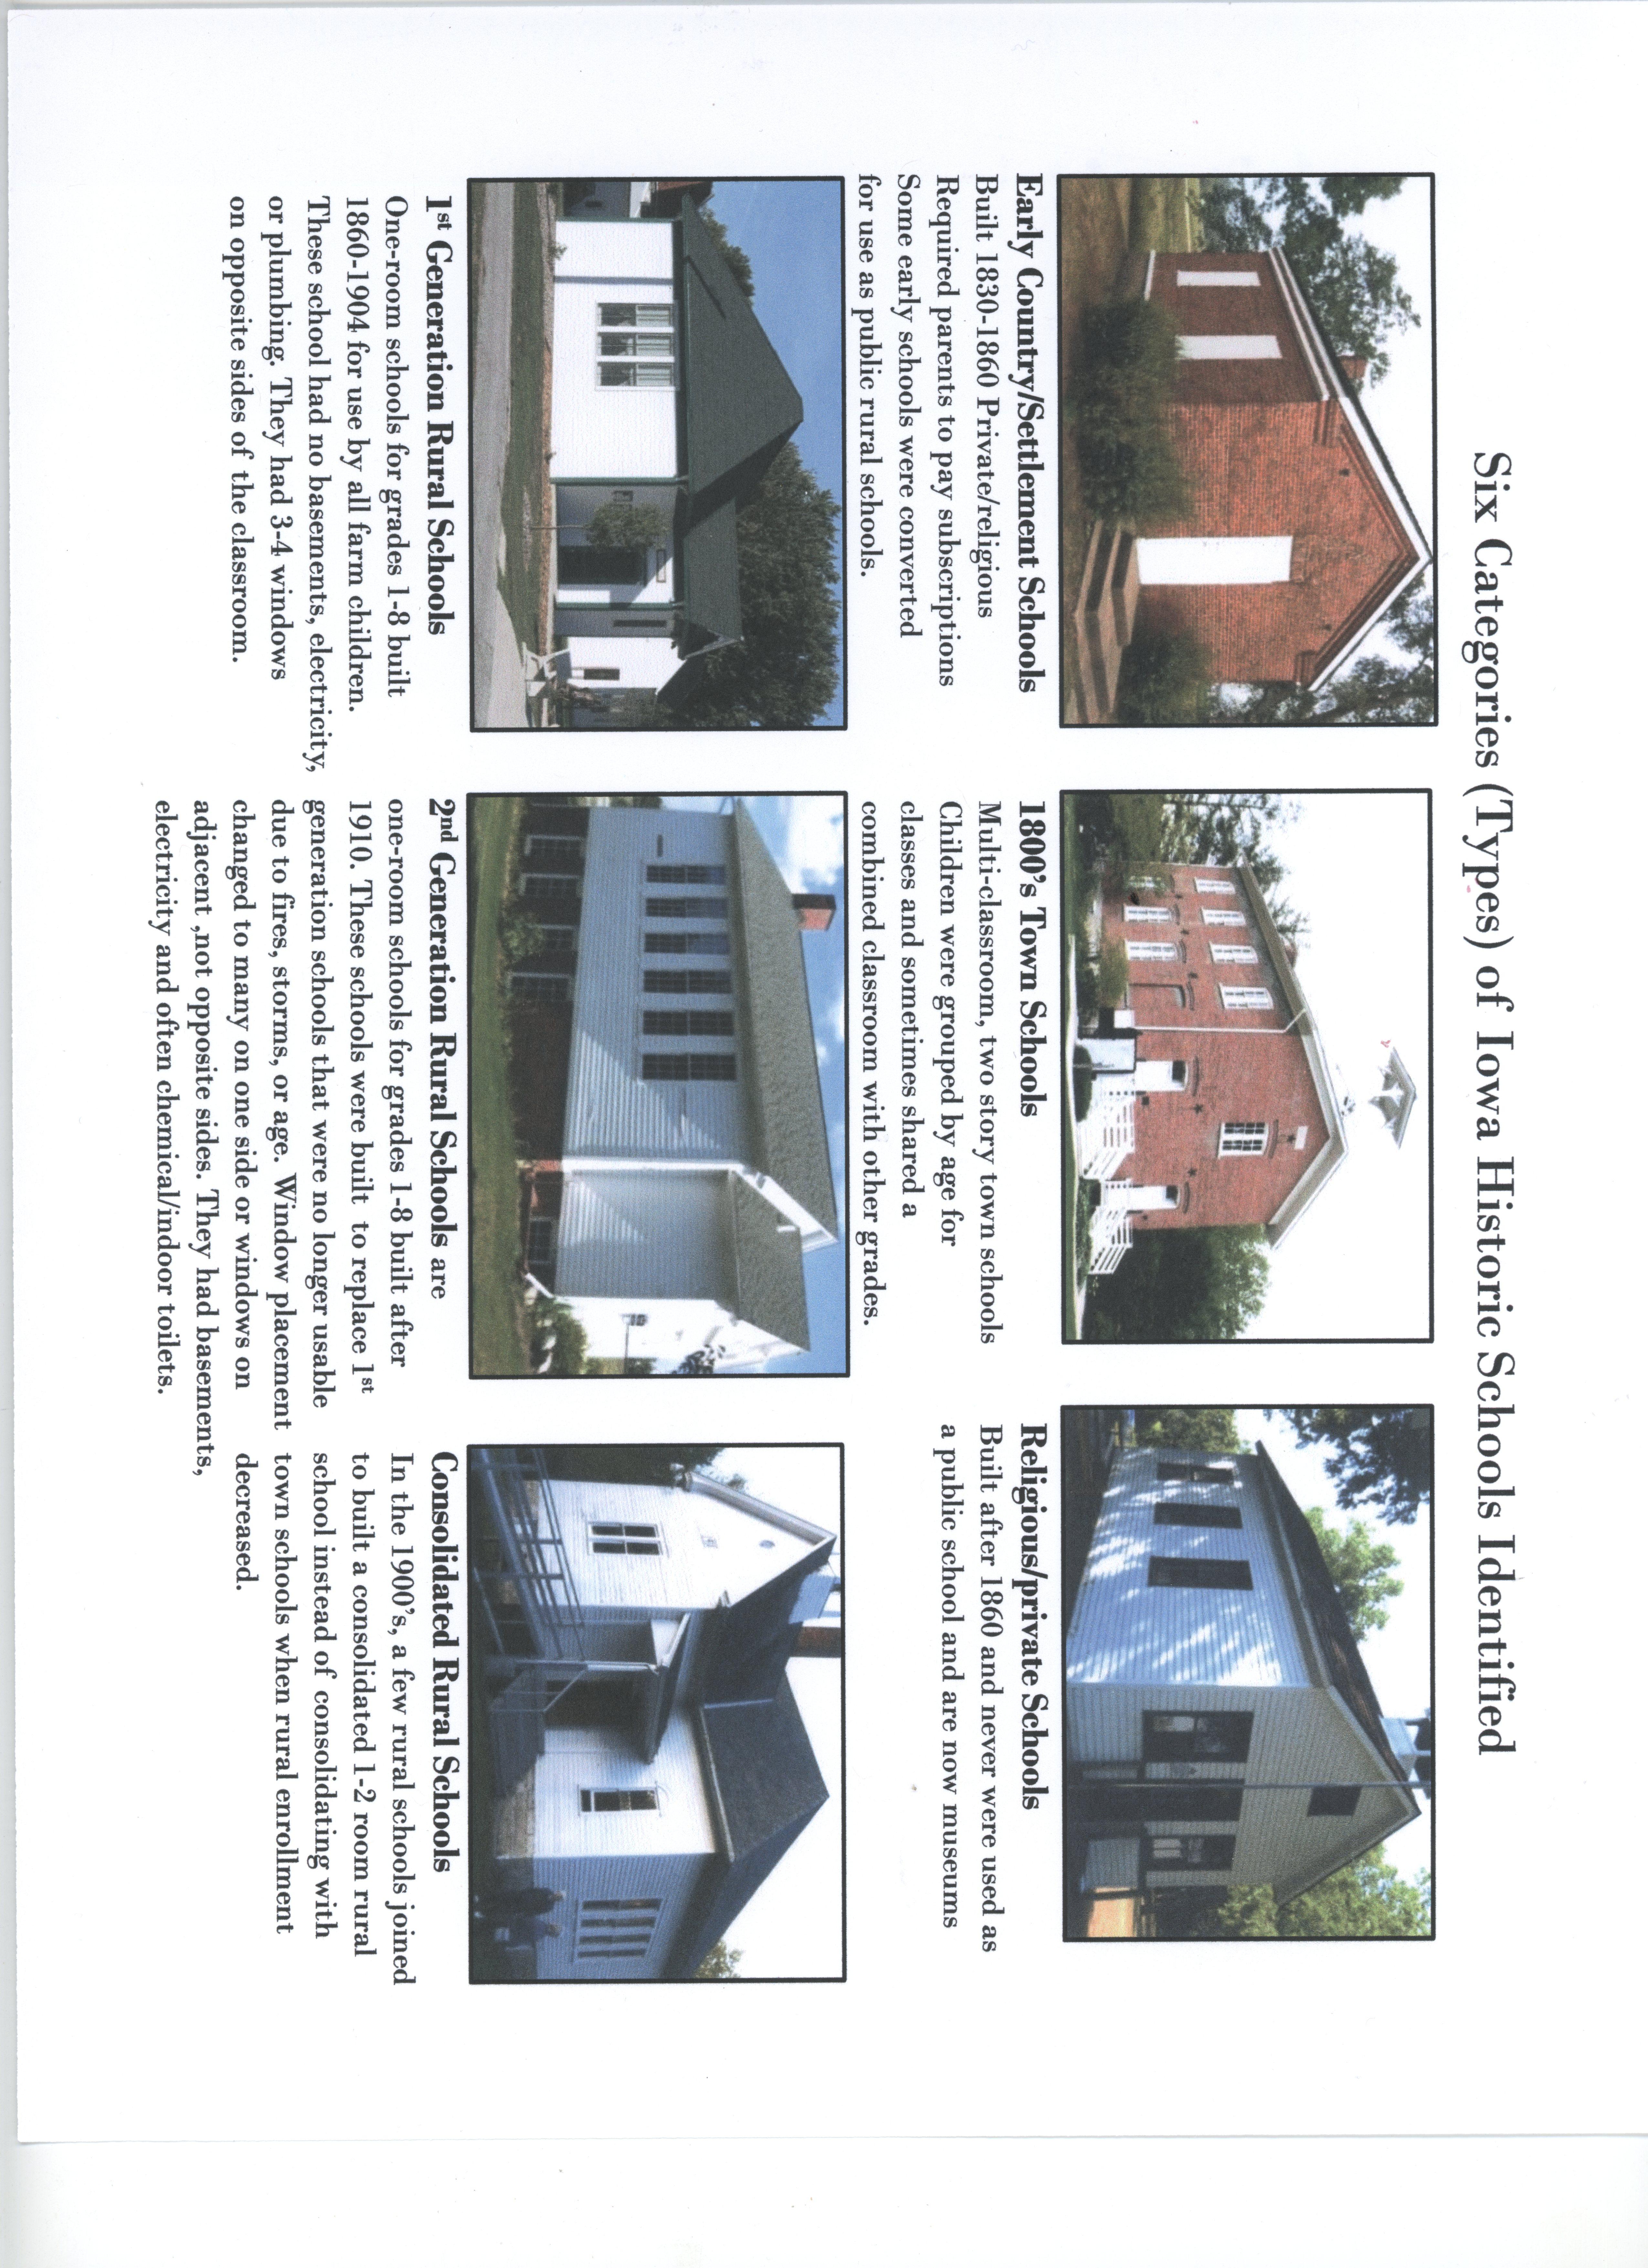 School document six categories of Iowa Historic School Structures